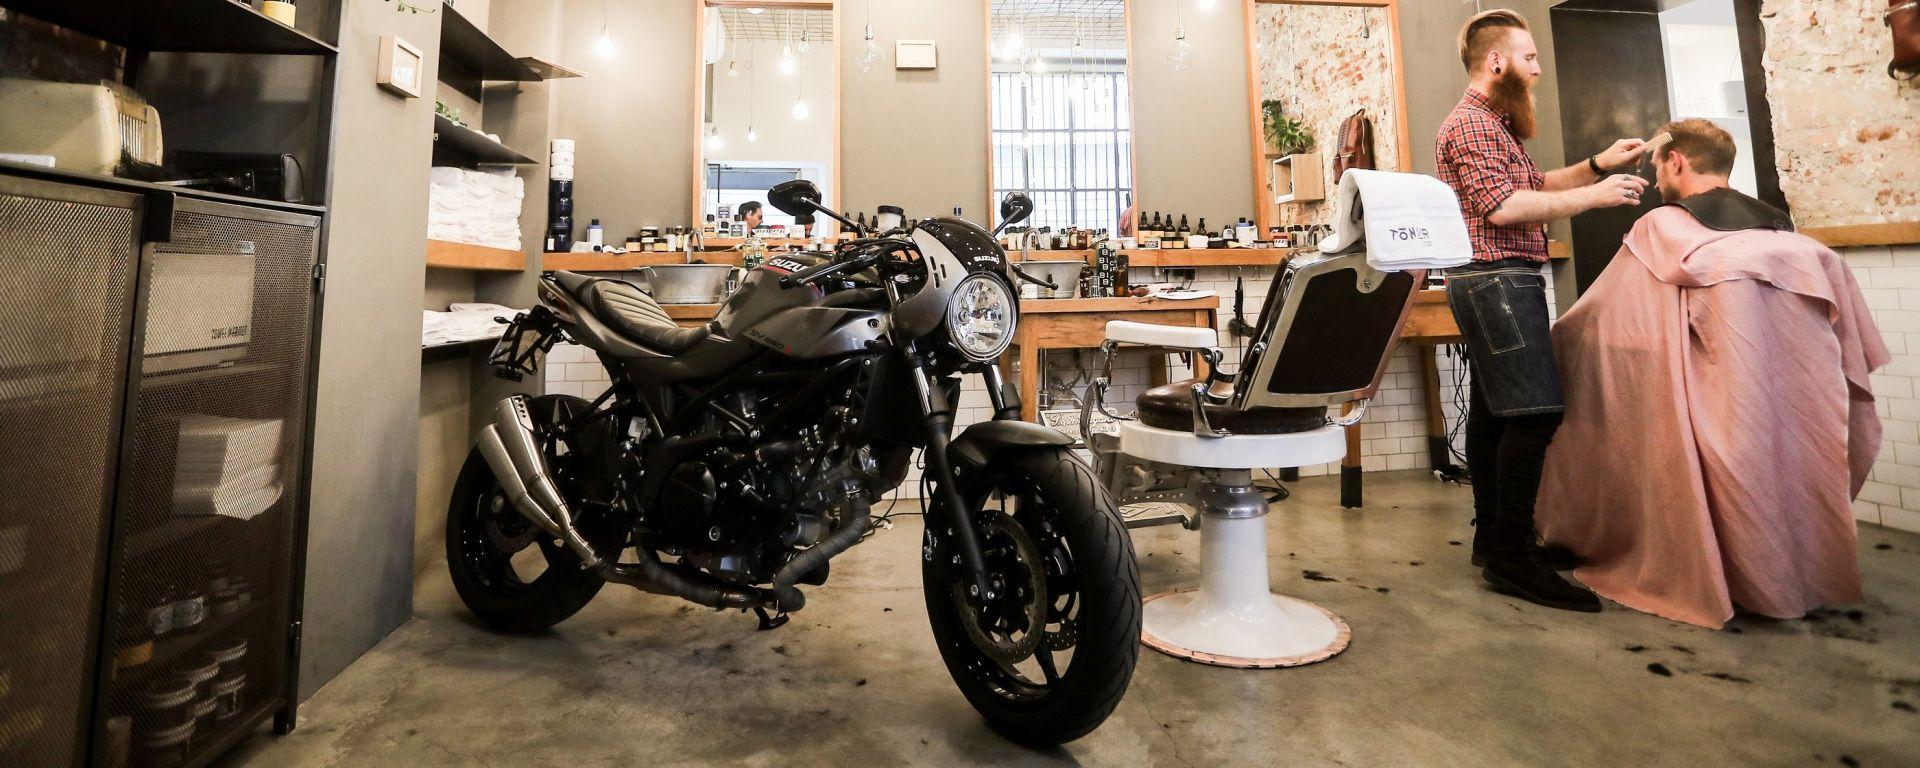 Hipster o X-TER? | Con la Suzuki SV650X-TER alla scoperta dei barber shop